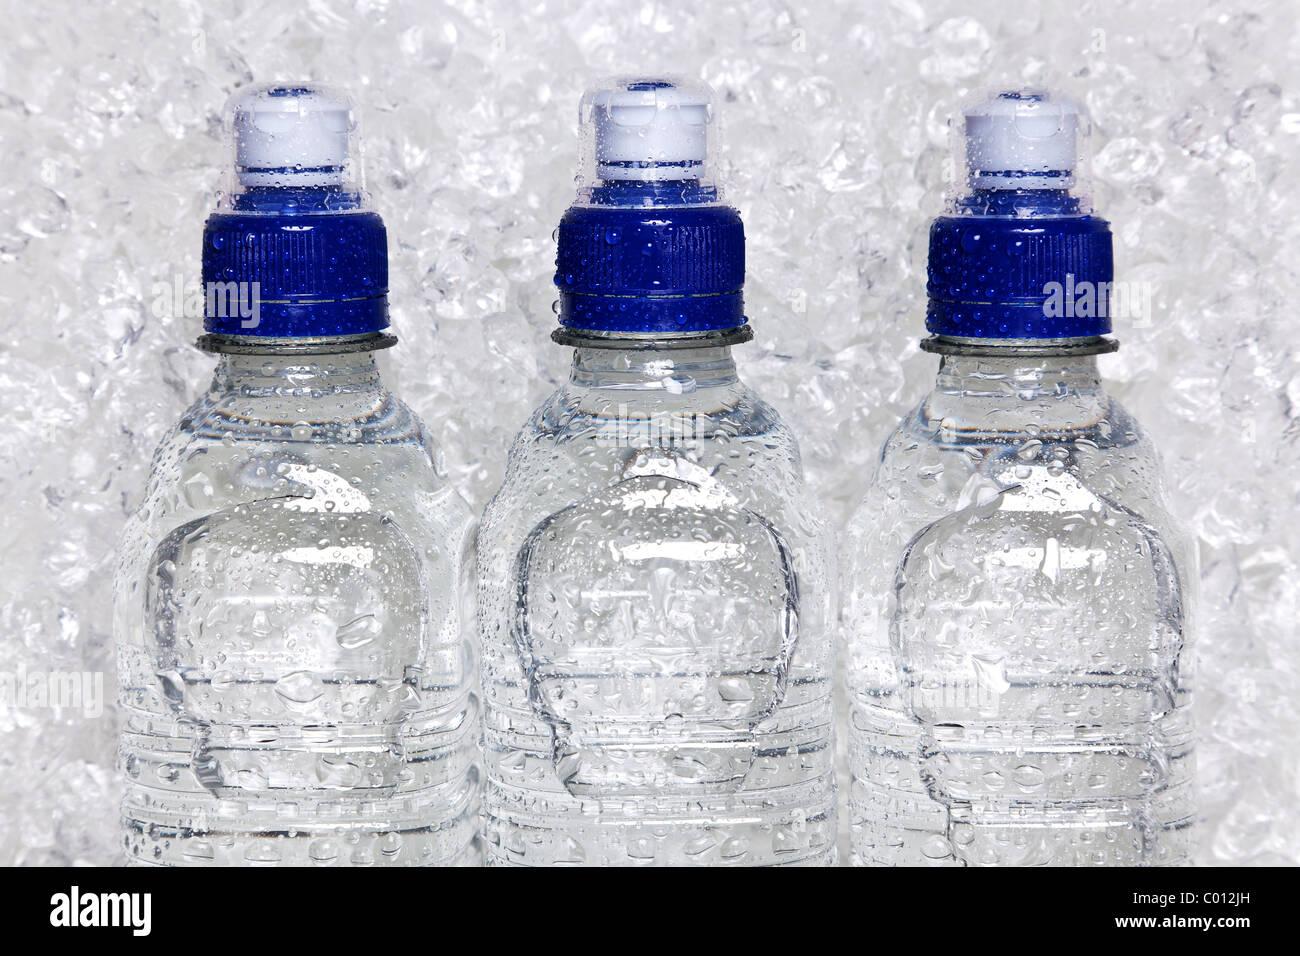 Foto di acqua minerale fredda in bottiglie di plastica sul ghiaccio tritato Immagini Stock